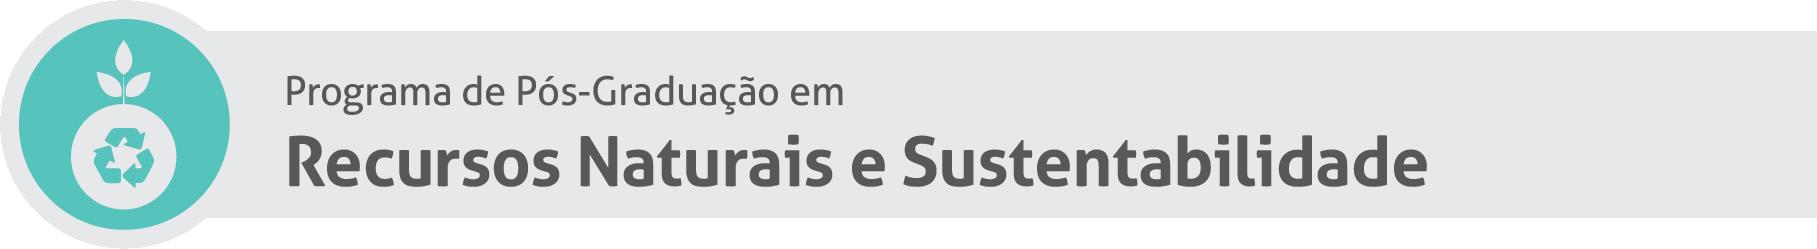 Recursos Naturais e Sustentabilidade.png